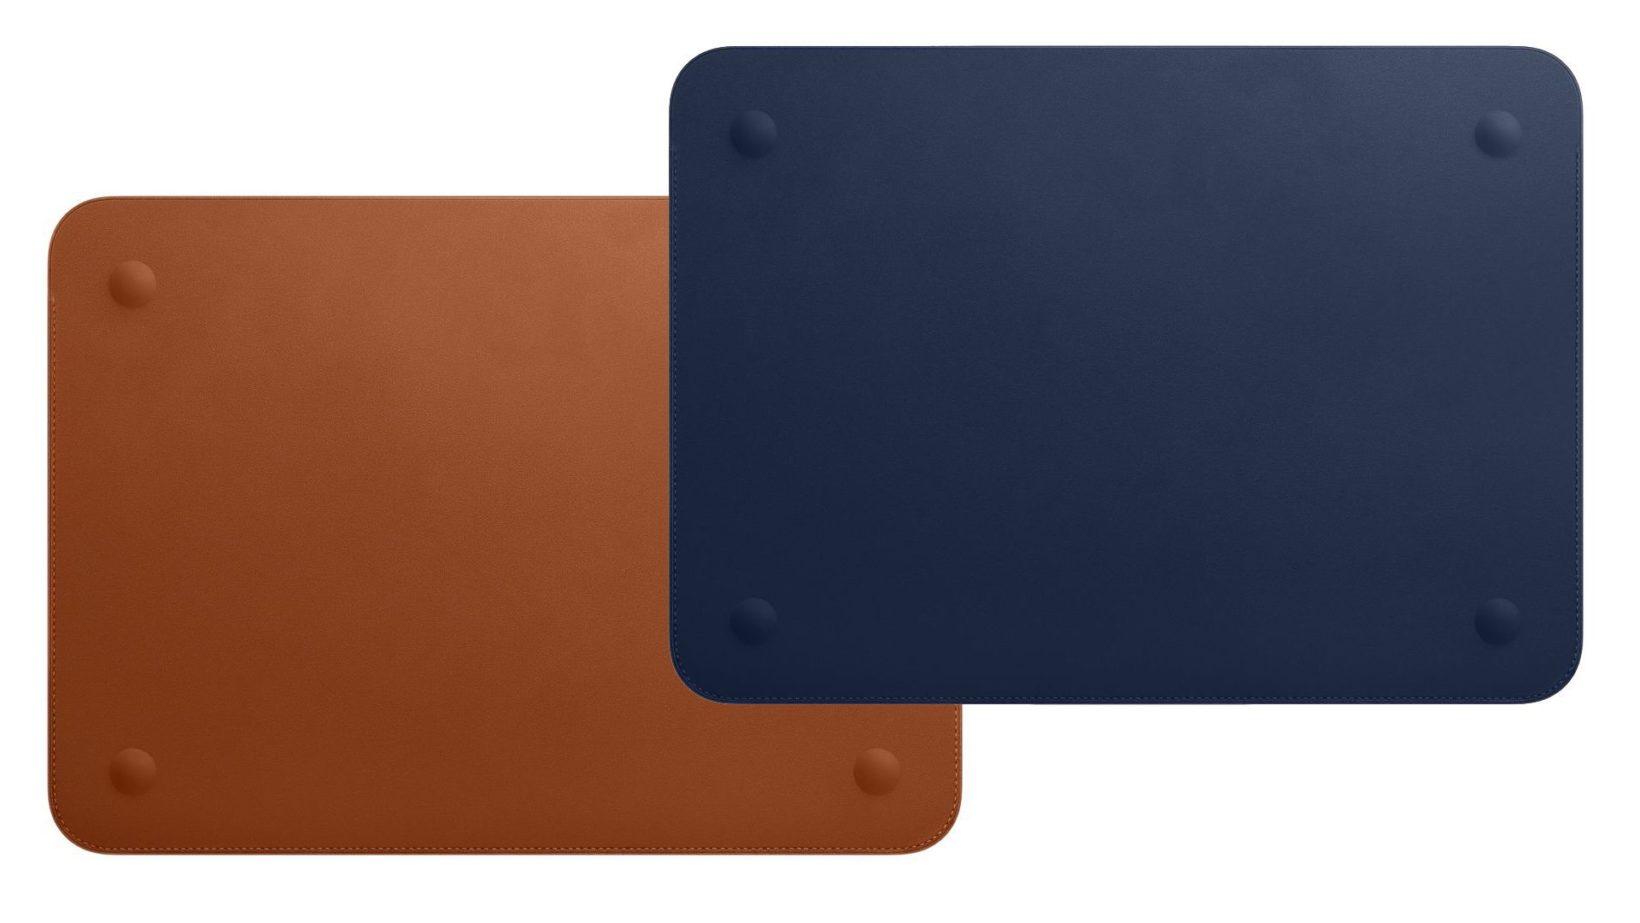 custodia in pelle per MacBook 12